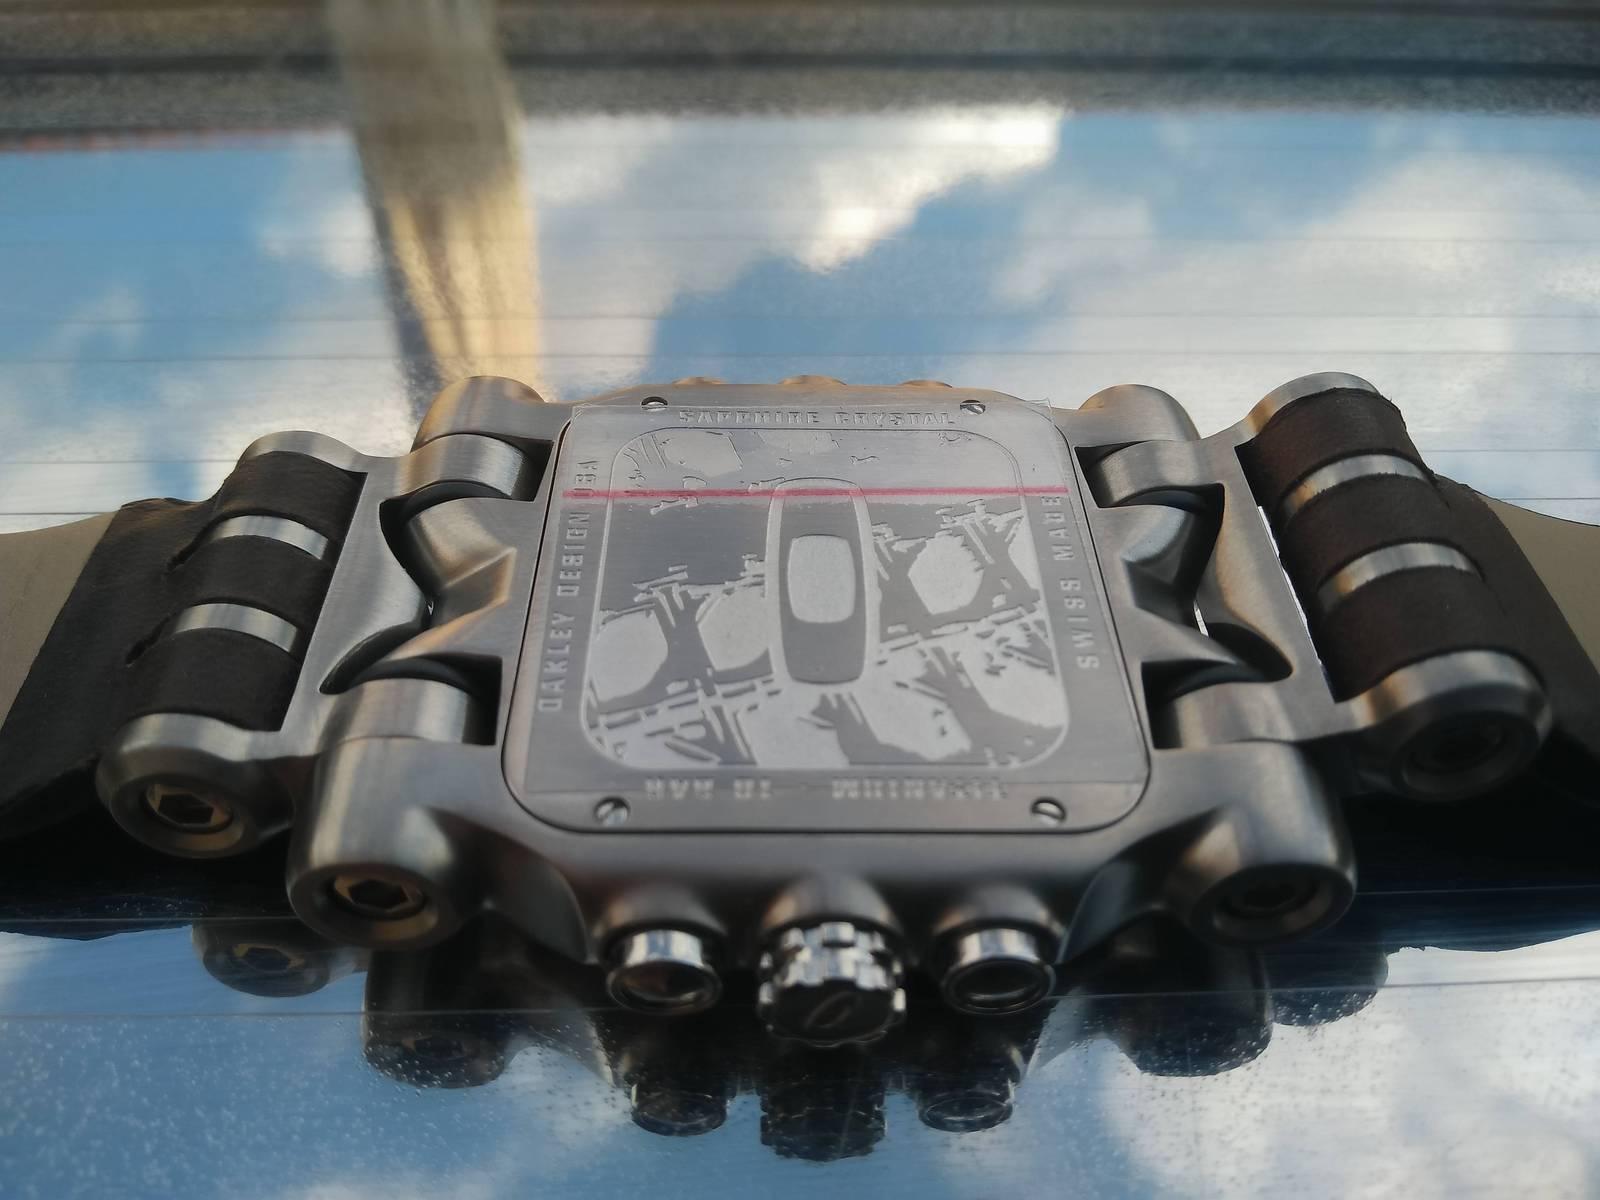 Minute Machine LNIB, new Battery - mykxii9r.jpg